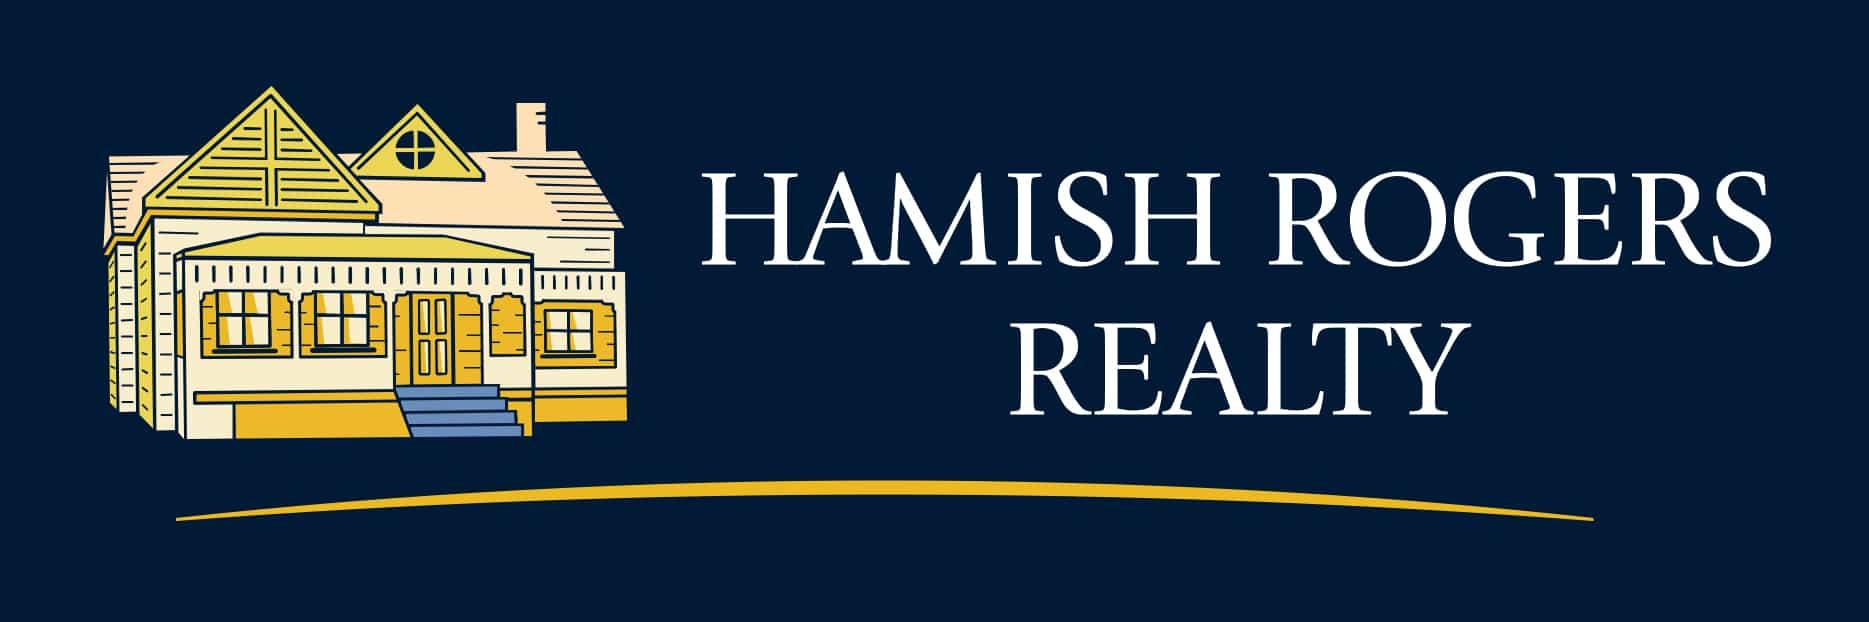 Hamish Rogers Realty - logo